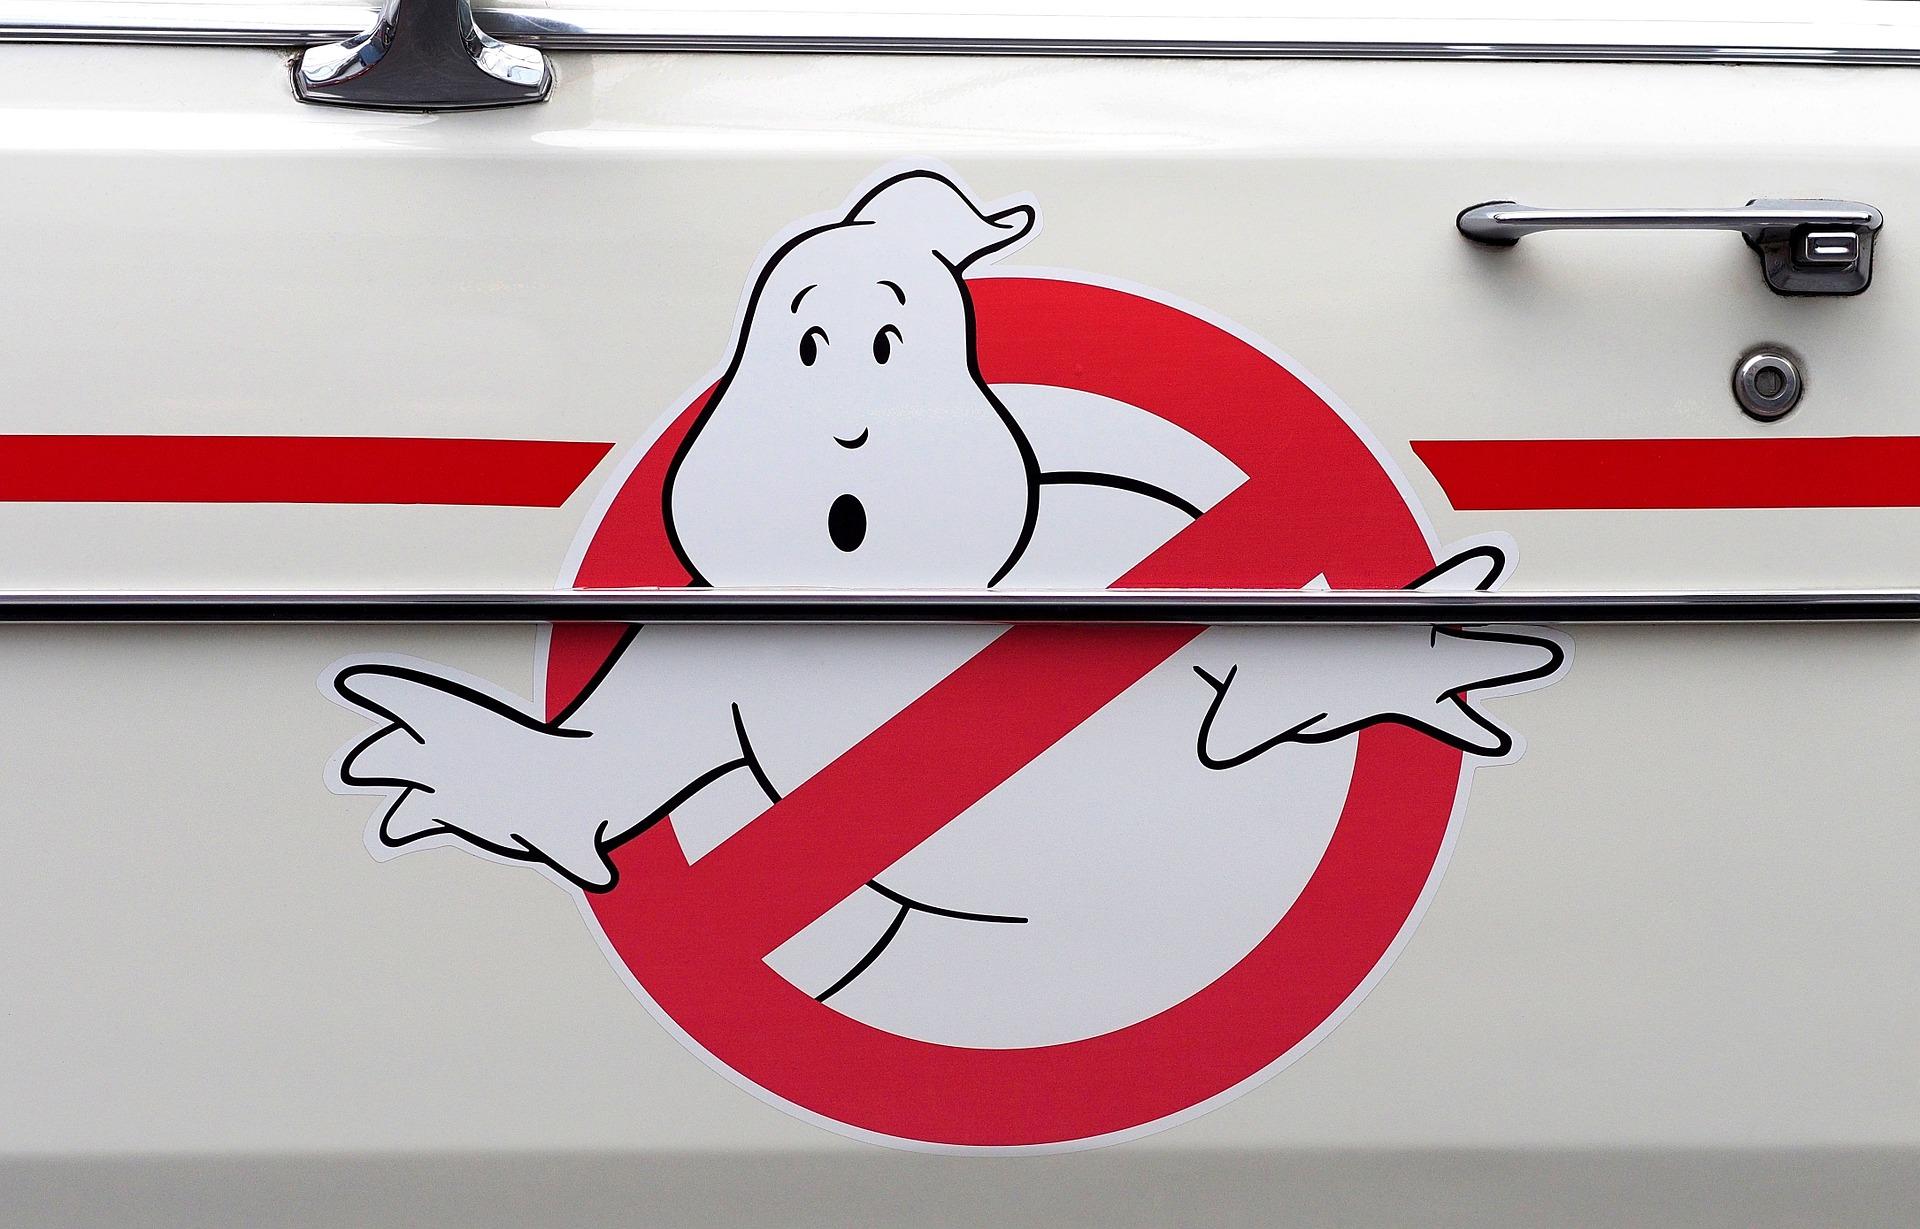 Caça-fantasmas, logotipo, carro, Cadillac, saudade - Papéis de parede HD - Professor-falken.com